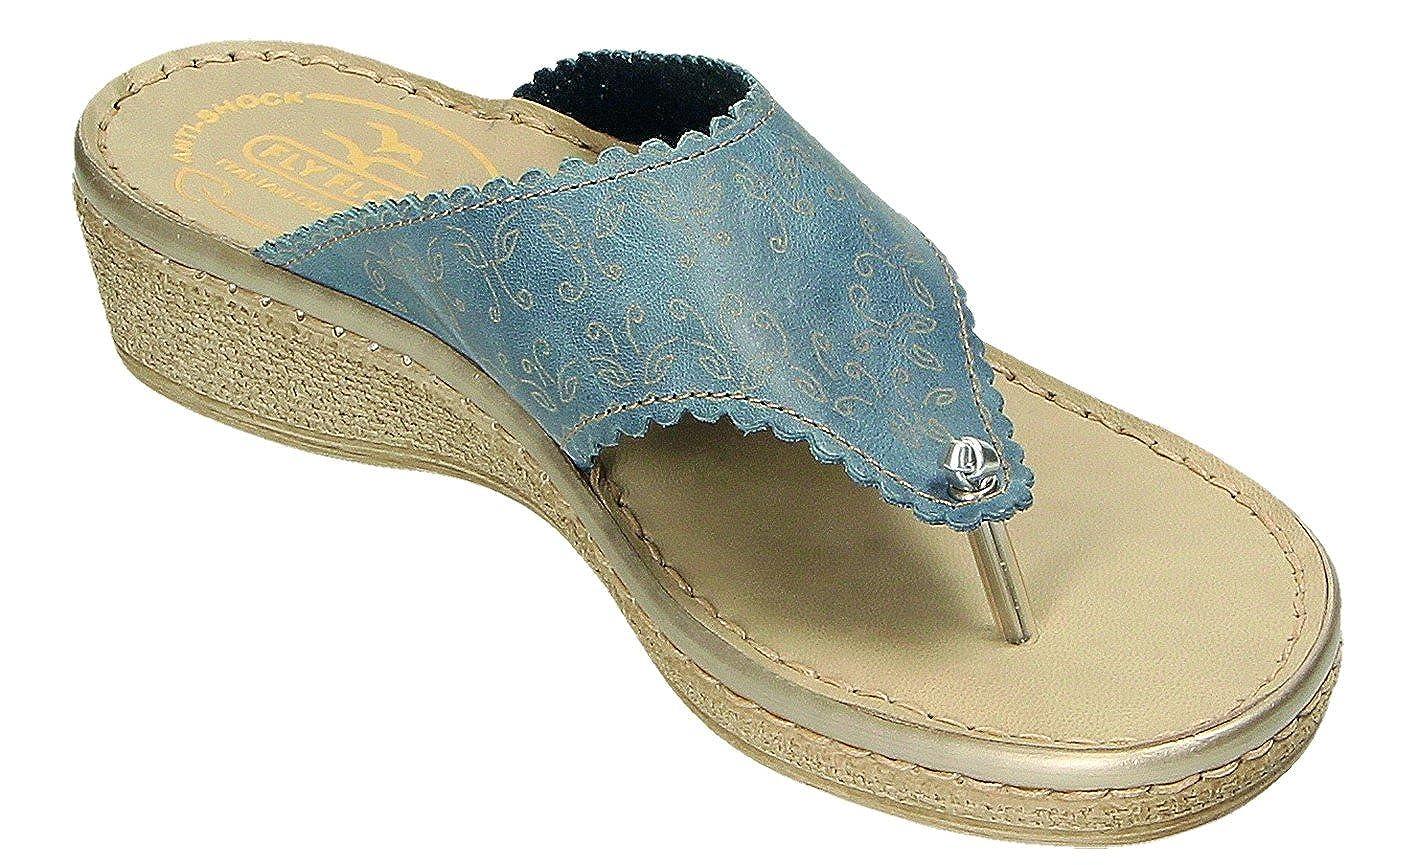 d2bebd57fb18 Fly Flot Women s Clogs Blue Avio Blue Size  8.5 UK  Amazon.co.uk  Shoes    Bags